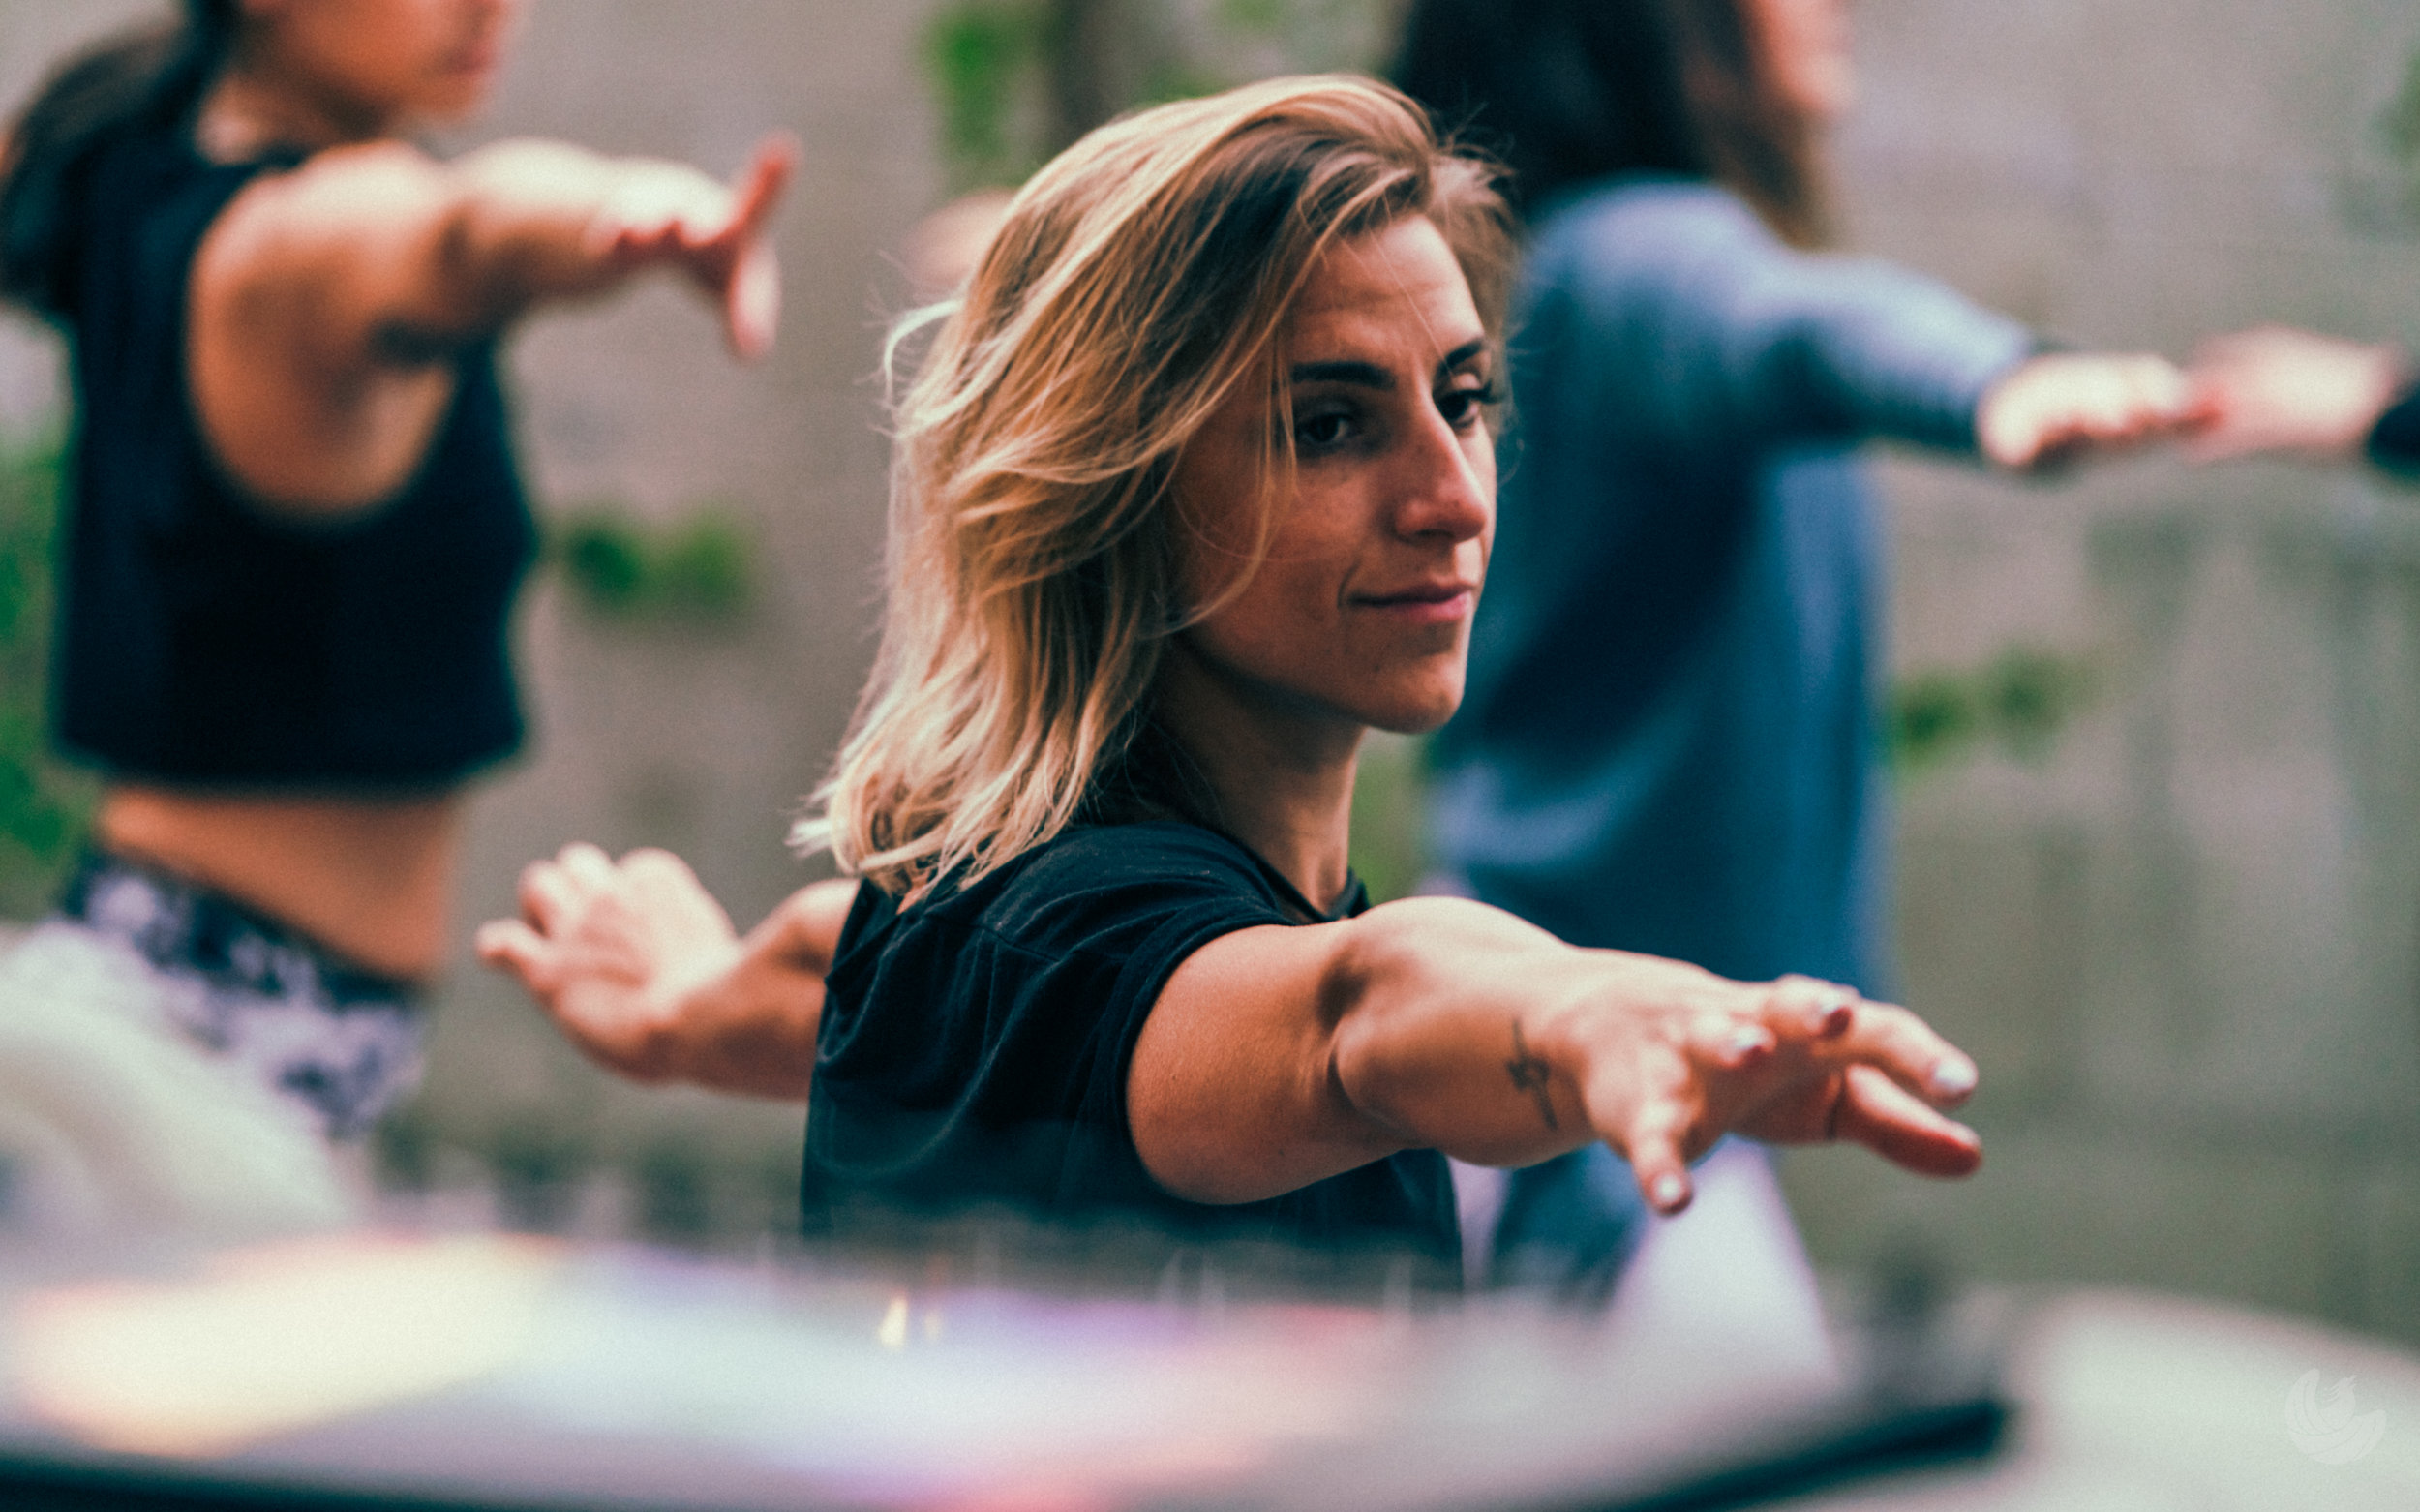 YogaClass_Watermark-63.jpg